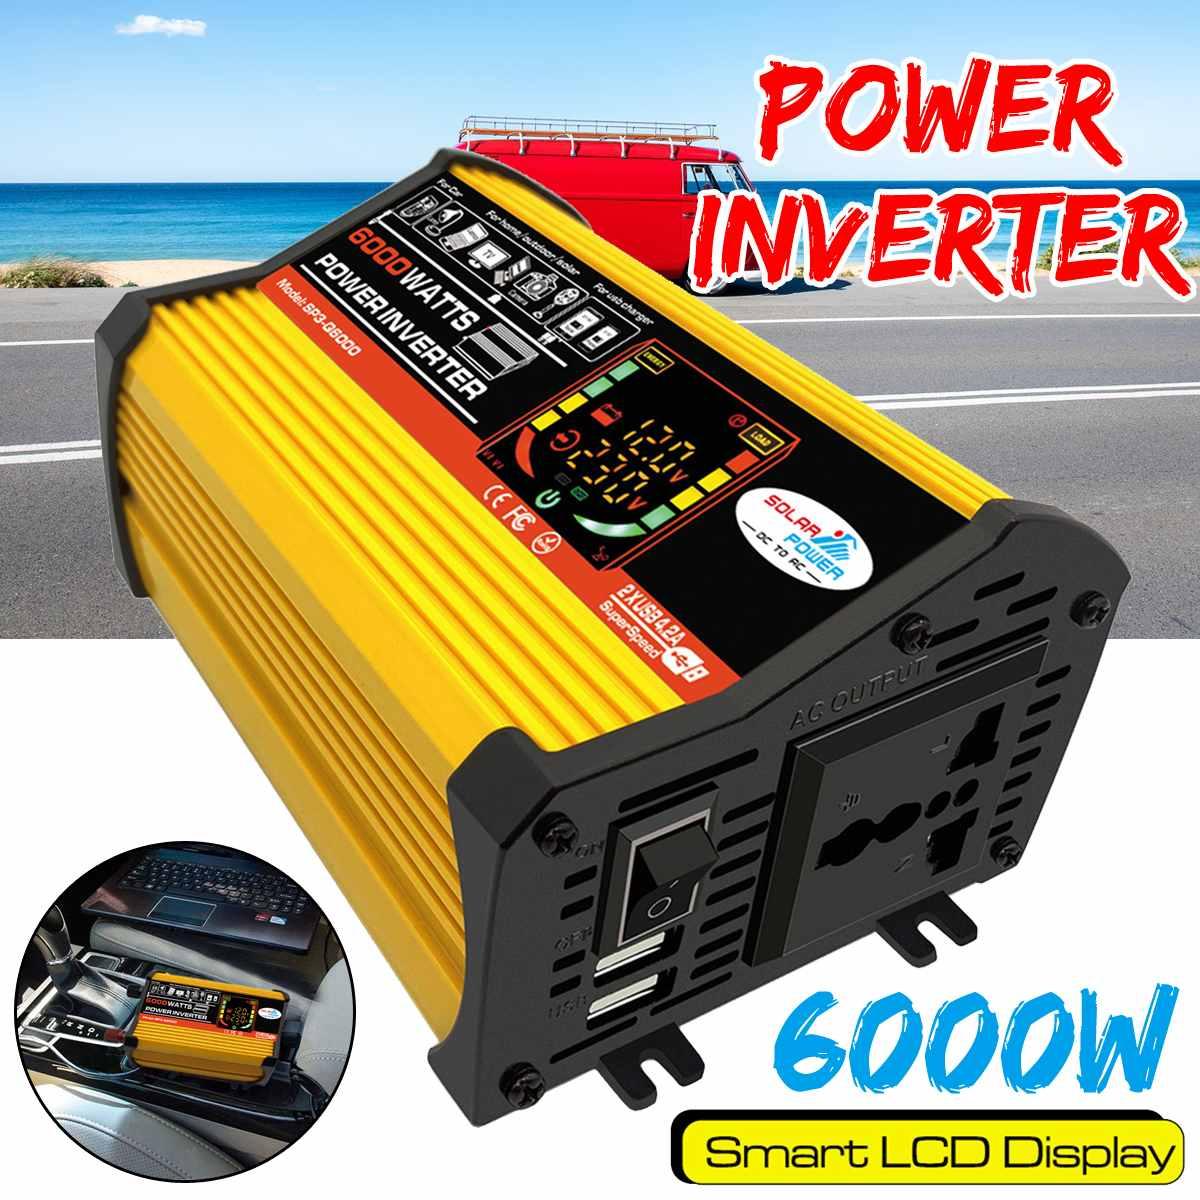 6000 Вт 12 В светодиодный экран автомобильная лампа модифицированный синусоидальный трансформатор напряжения двойной USB 12 В до 220 В 110 В инверт...